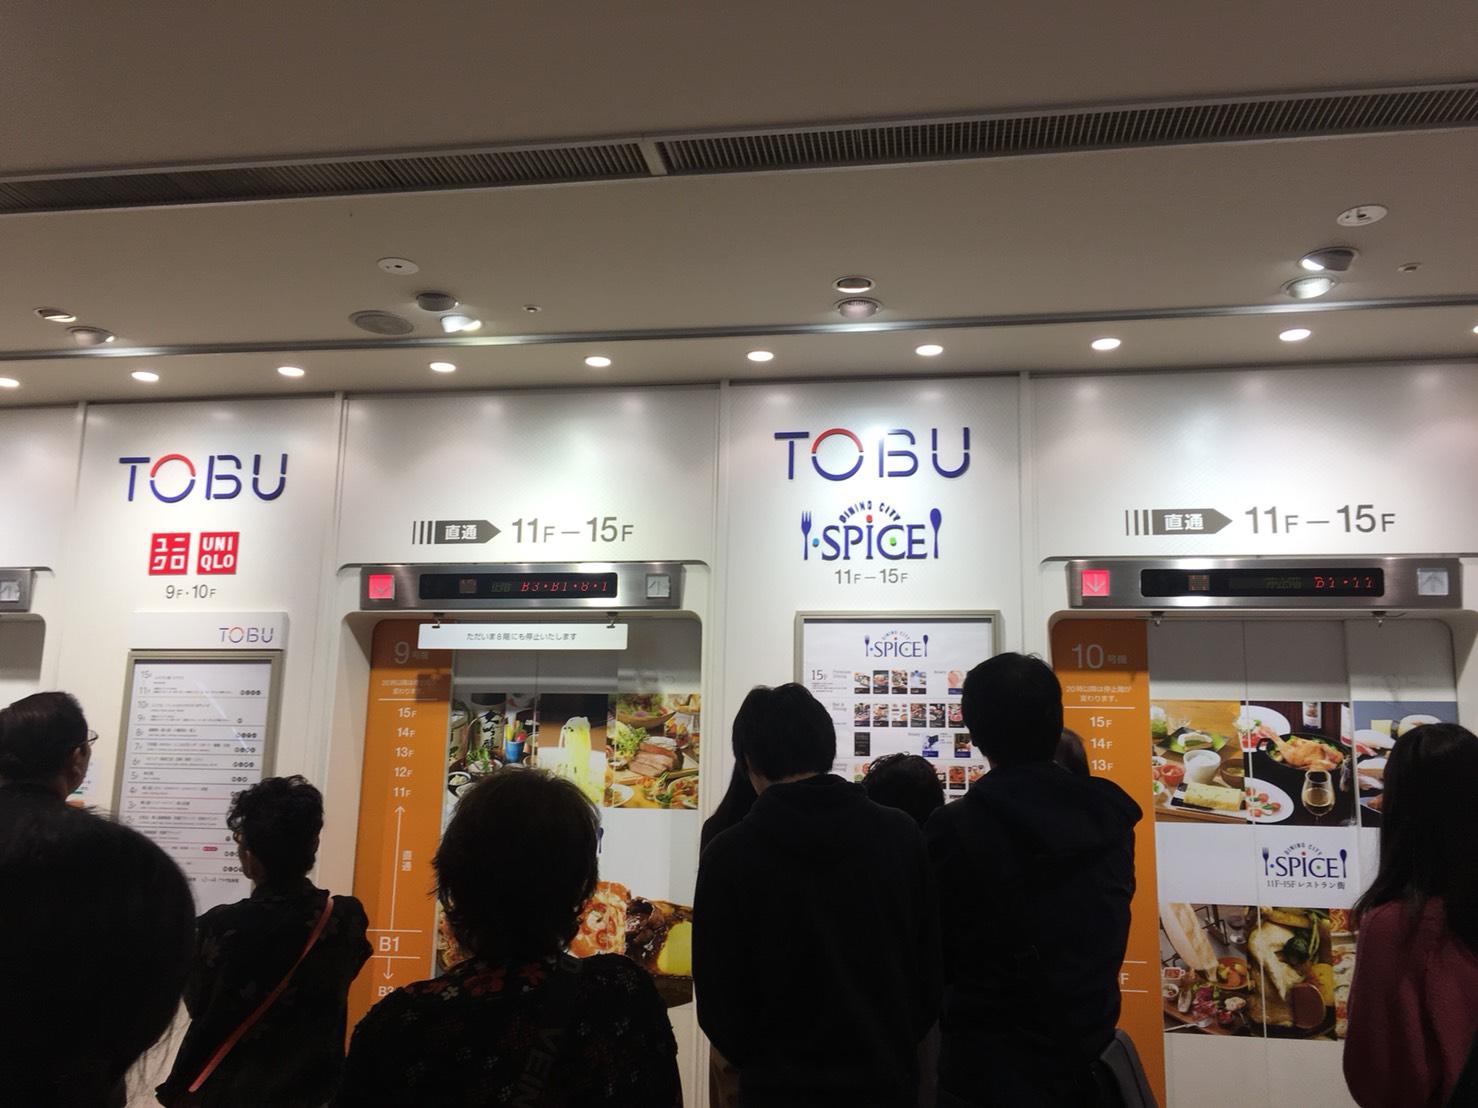 【池袋駅】東武百貨店の人気食べ放題「シュプリーム」モリモリ!へのエレベーター